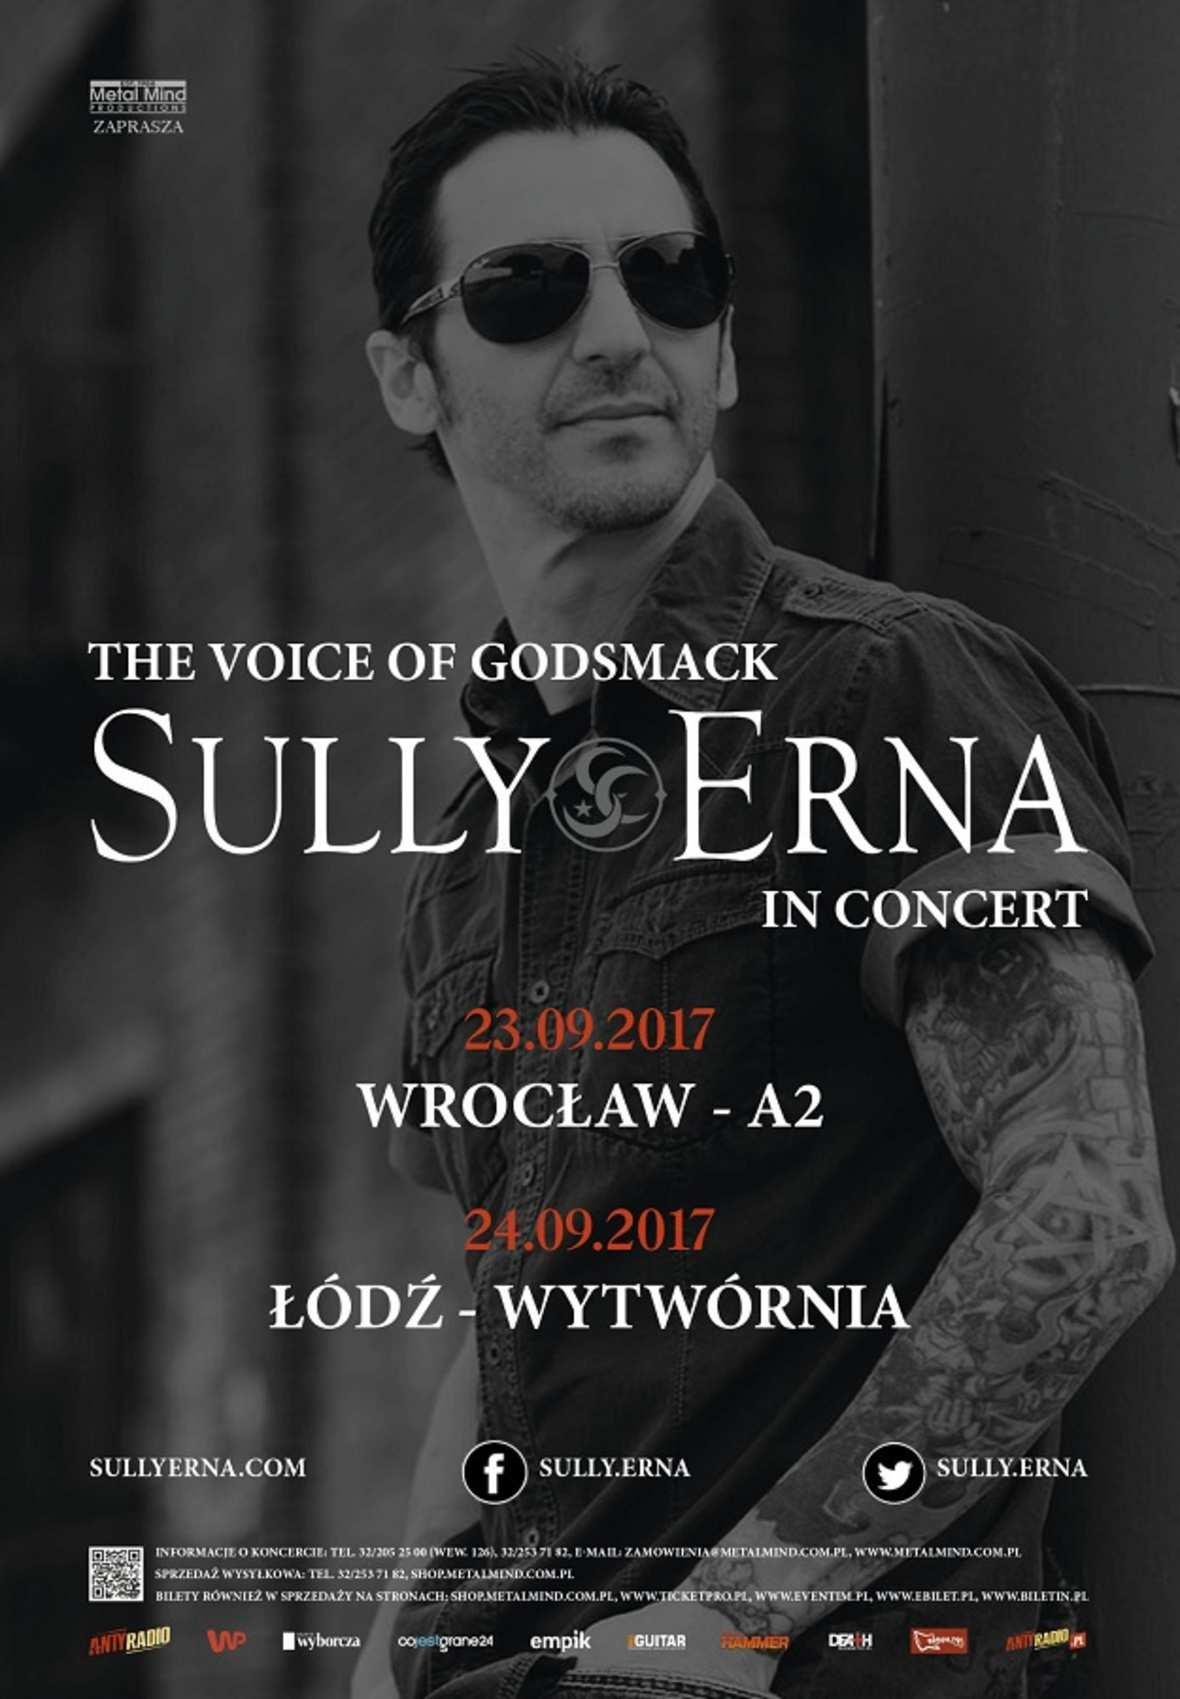 Sully-Erna-z-Godsmack-zagra-dwa-koncerty-w-2017_article (1)